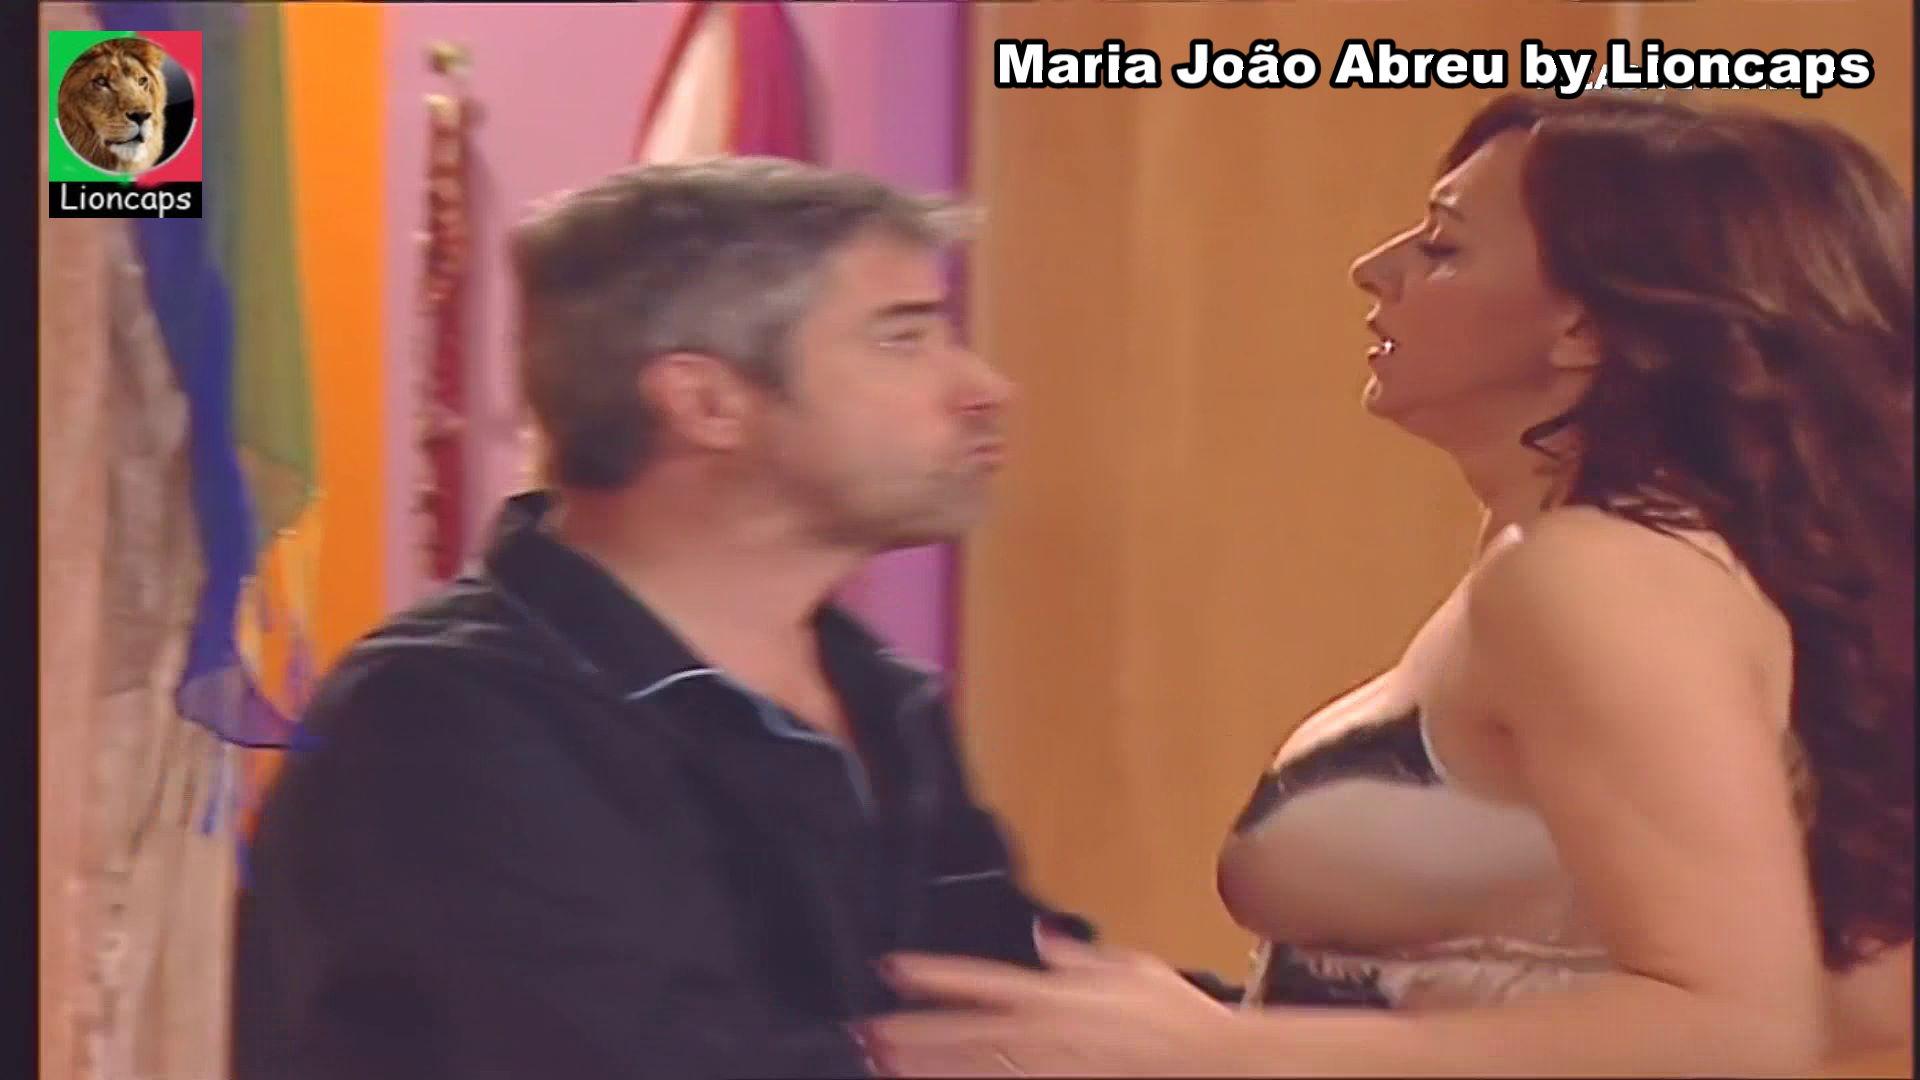 959955747_maria_joao_abreu_vs200125_02710_122_438lo.JPG